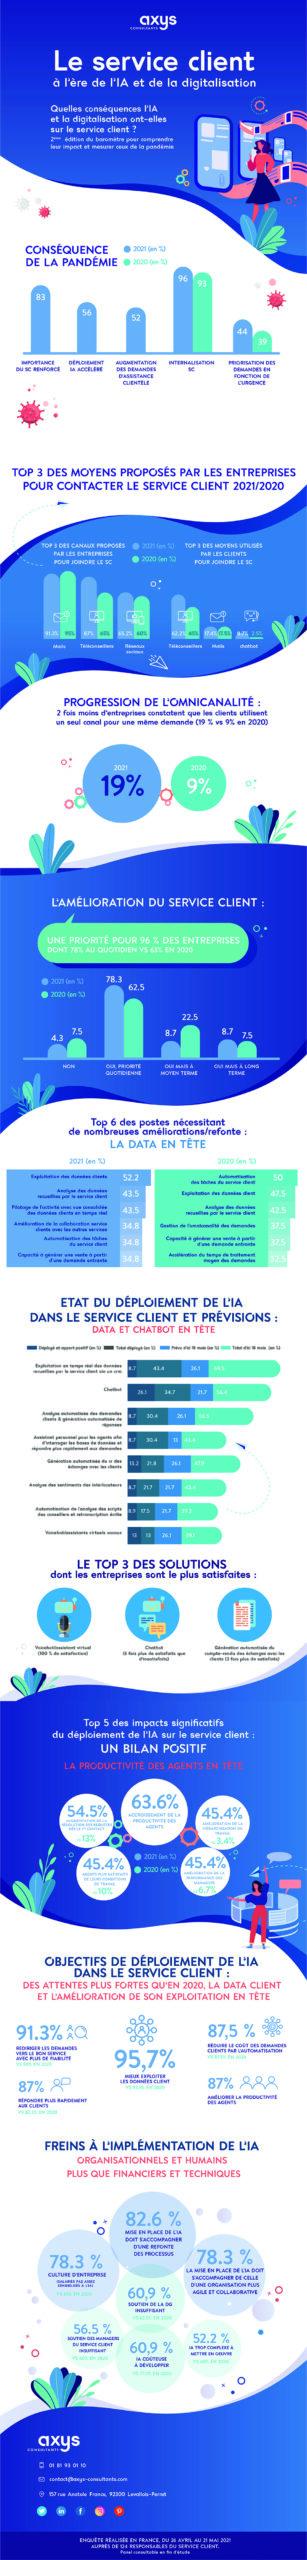 infographie service clients 2021